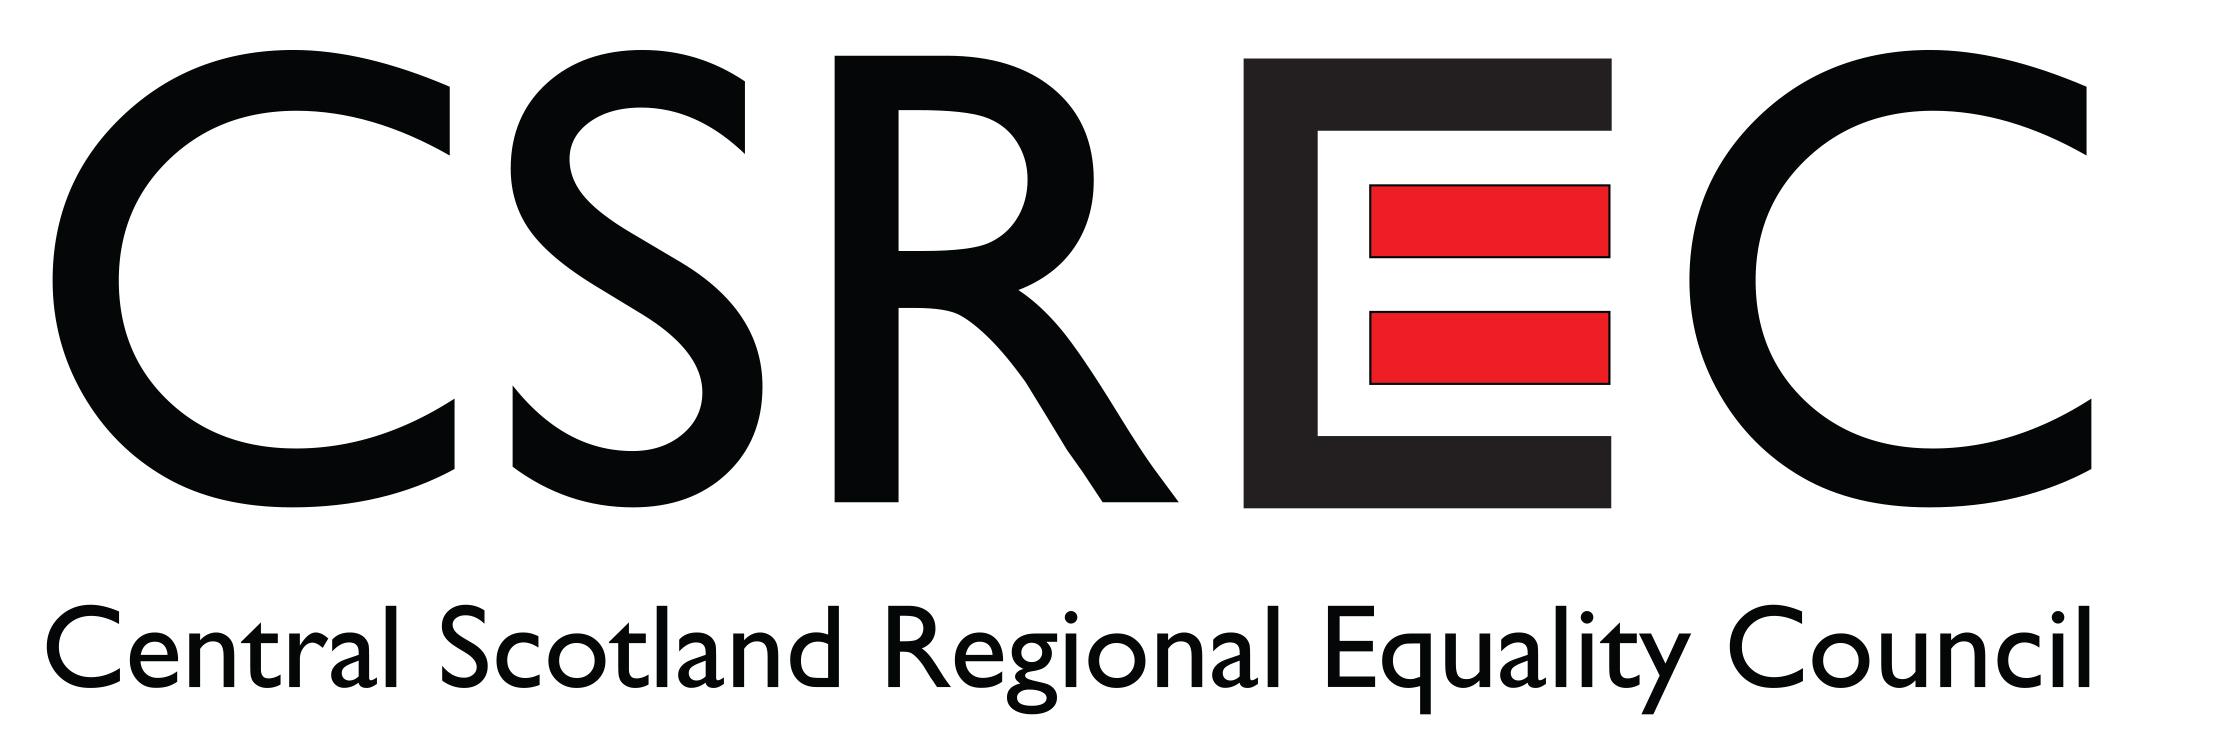 CSREC_logo